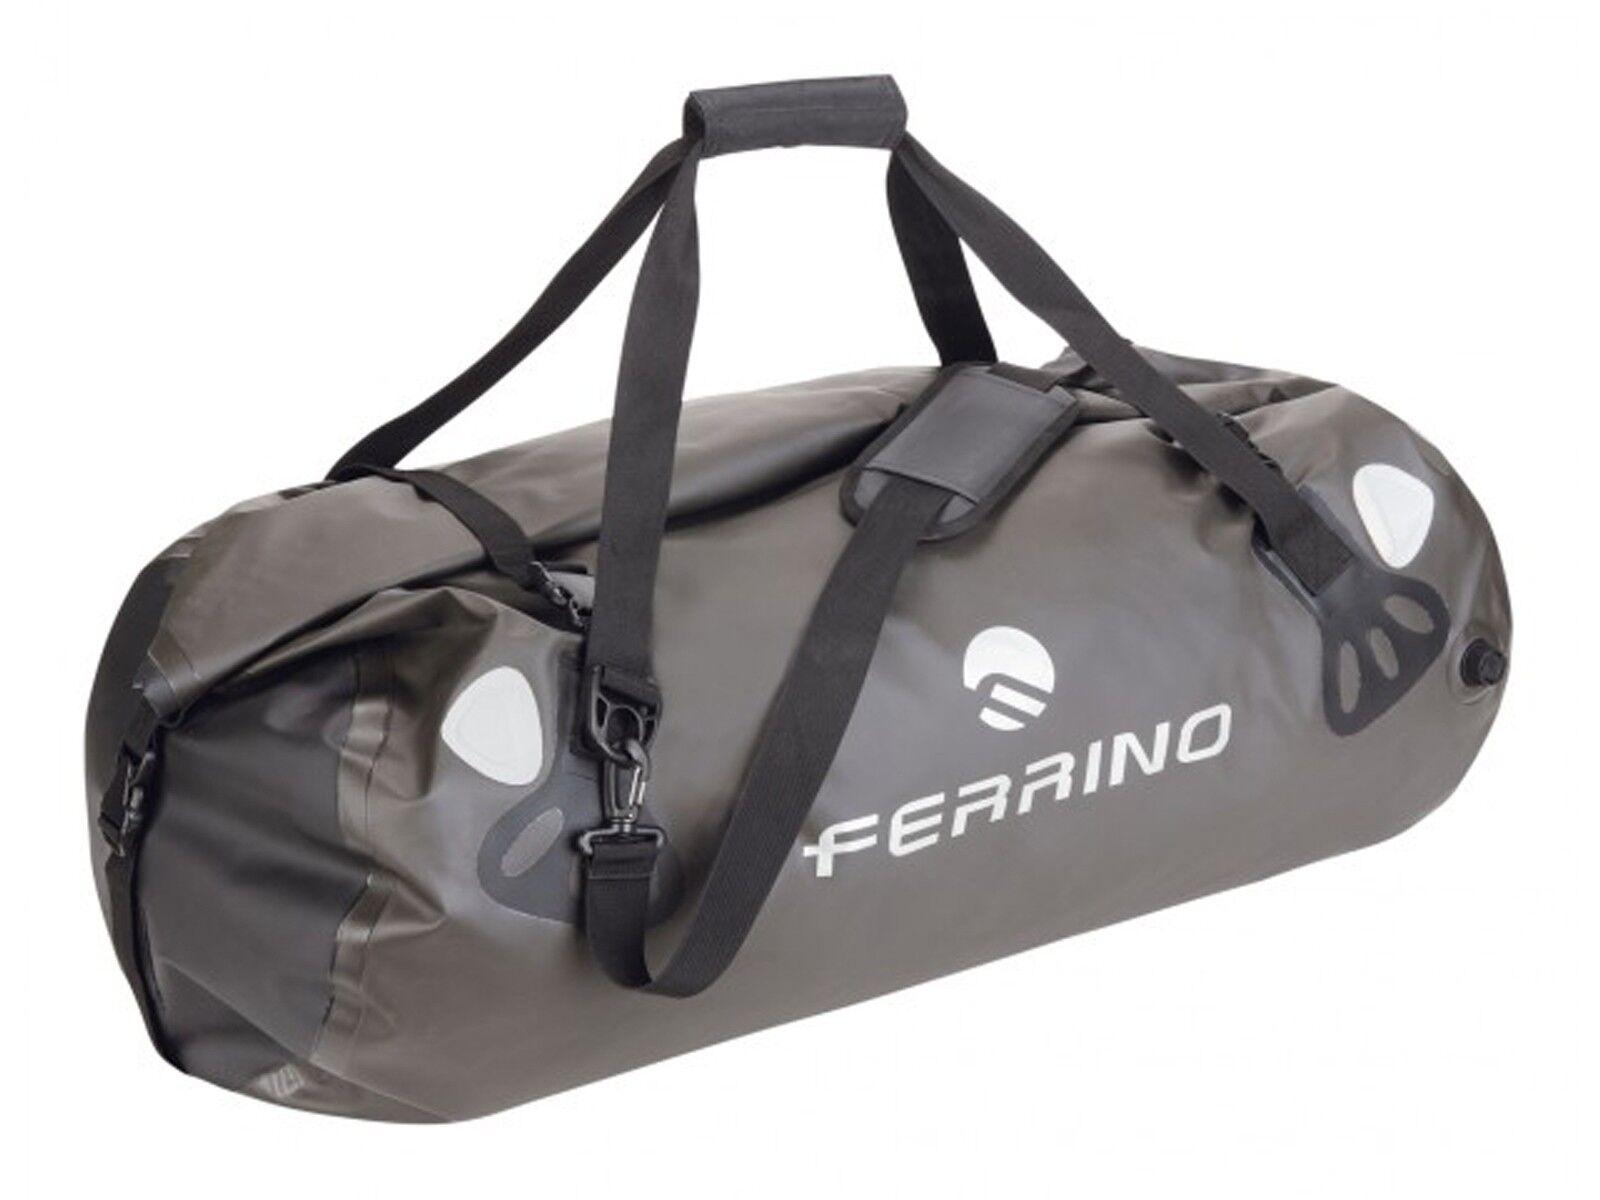 SACCA 90 LT  FERRINO  72518  DUFFLE SEAL NERO